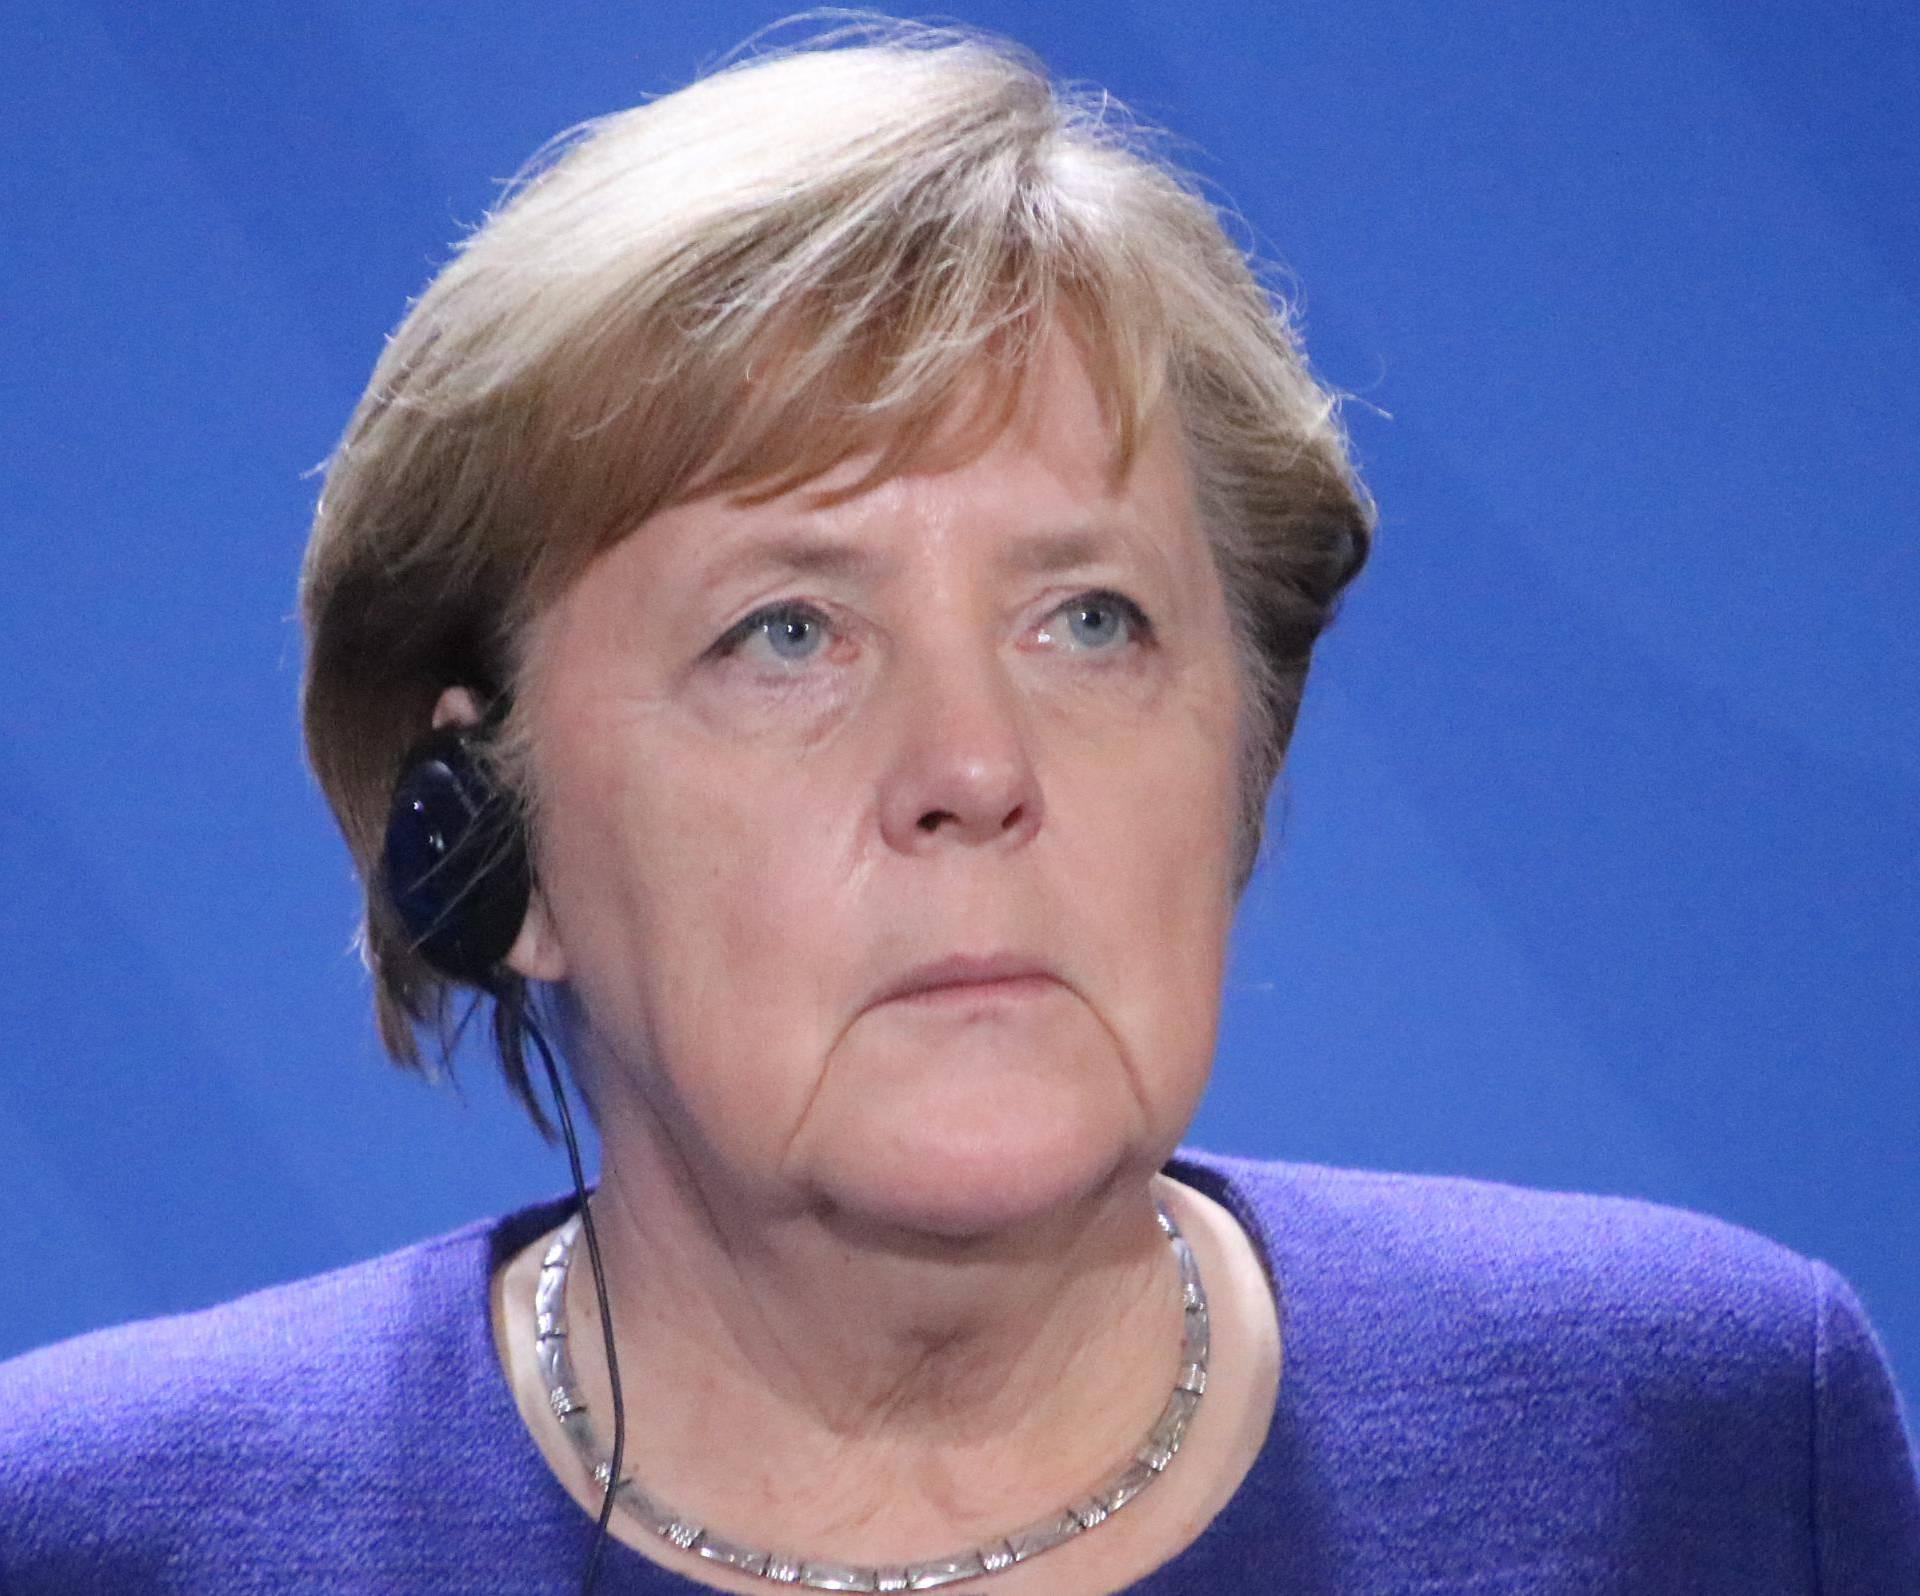 Merkel se nasmijala: 'Nosim li masku? Uhvatite me u trgovini'